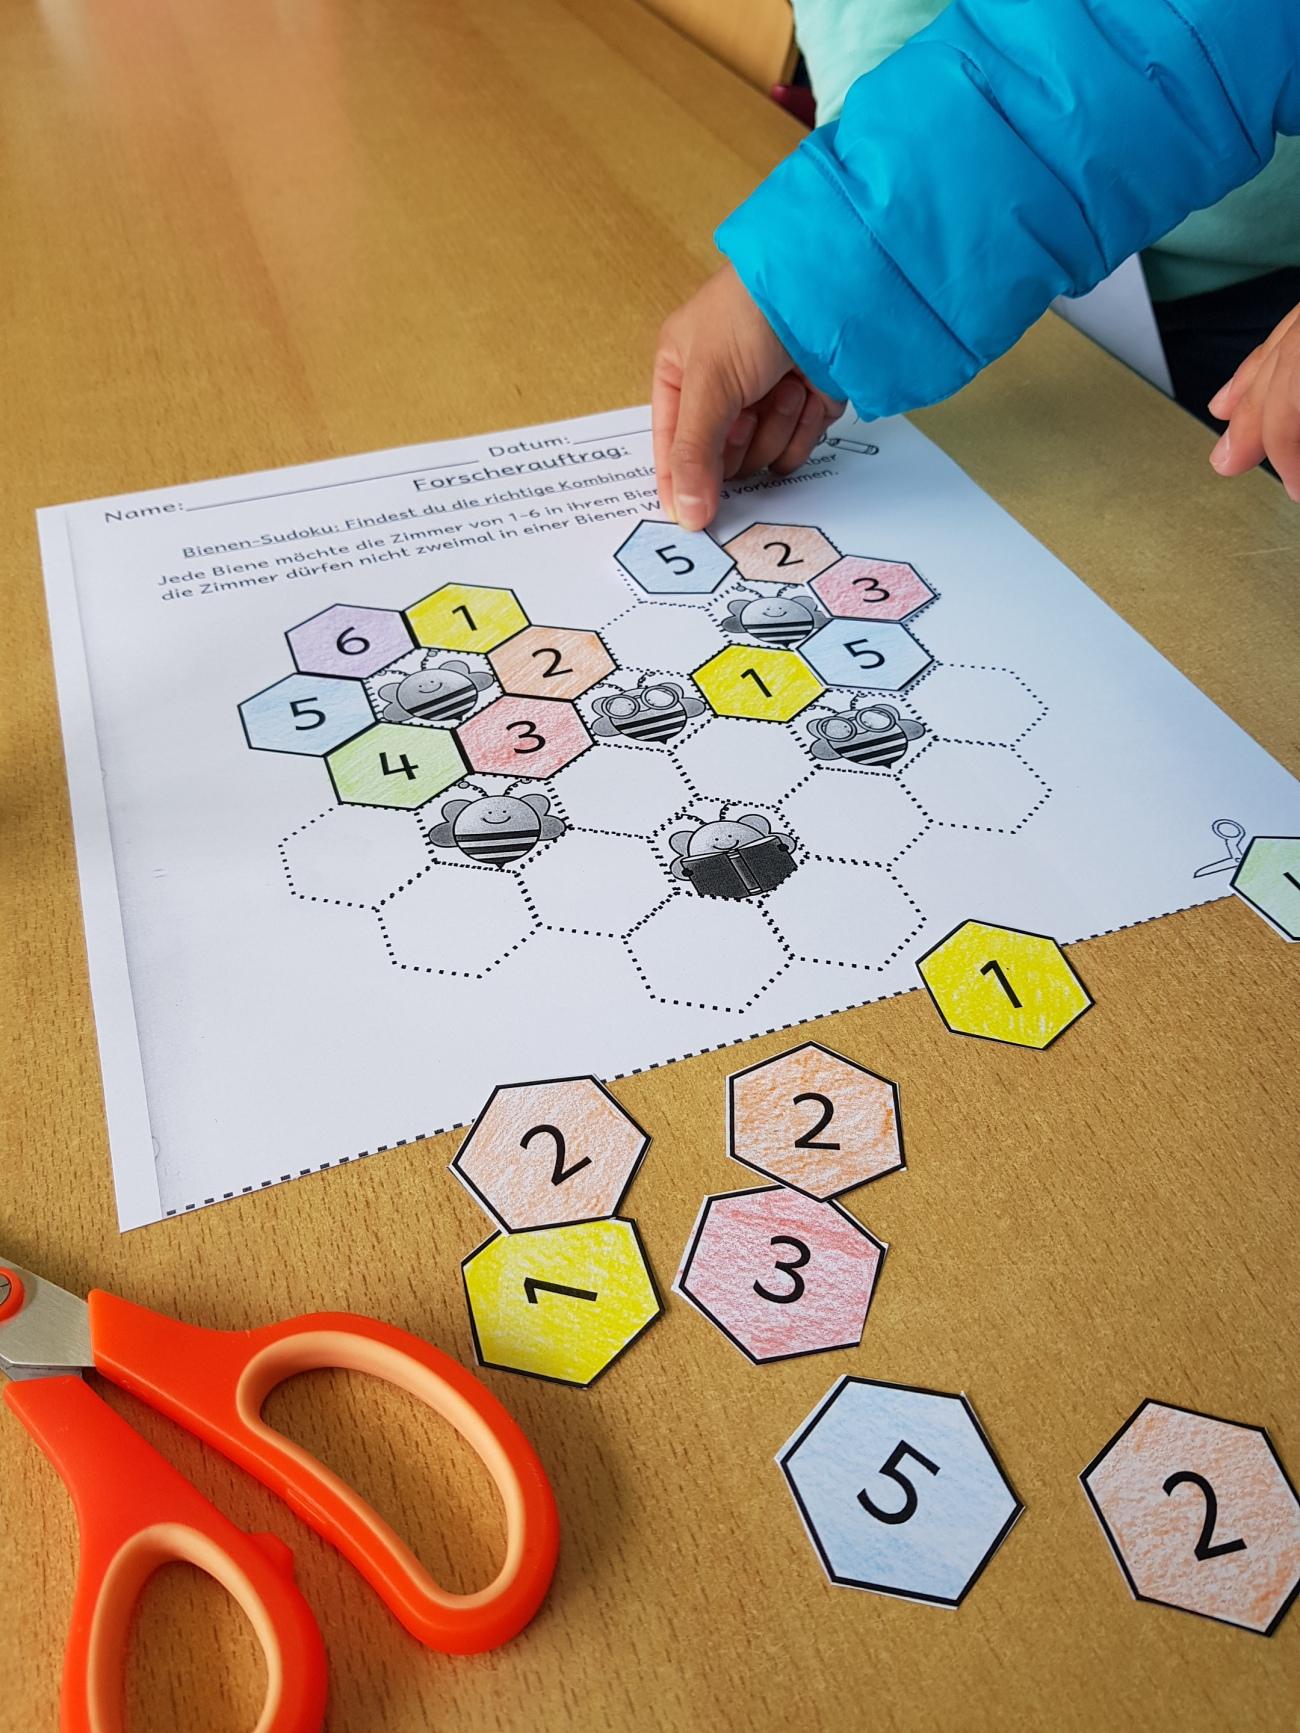 Sudoku mit Bienenwaben, finde Lösungswege durch Probieren, Nachdenken und selbstständiges Lernen